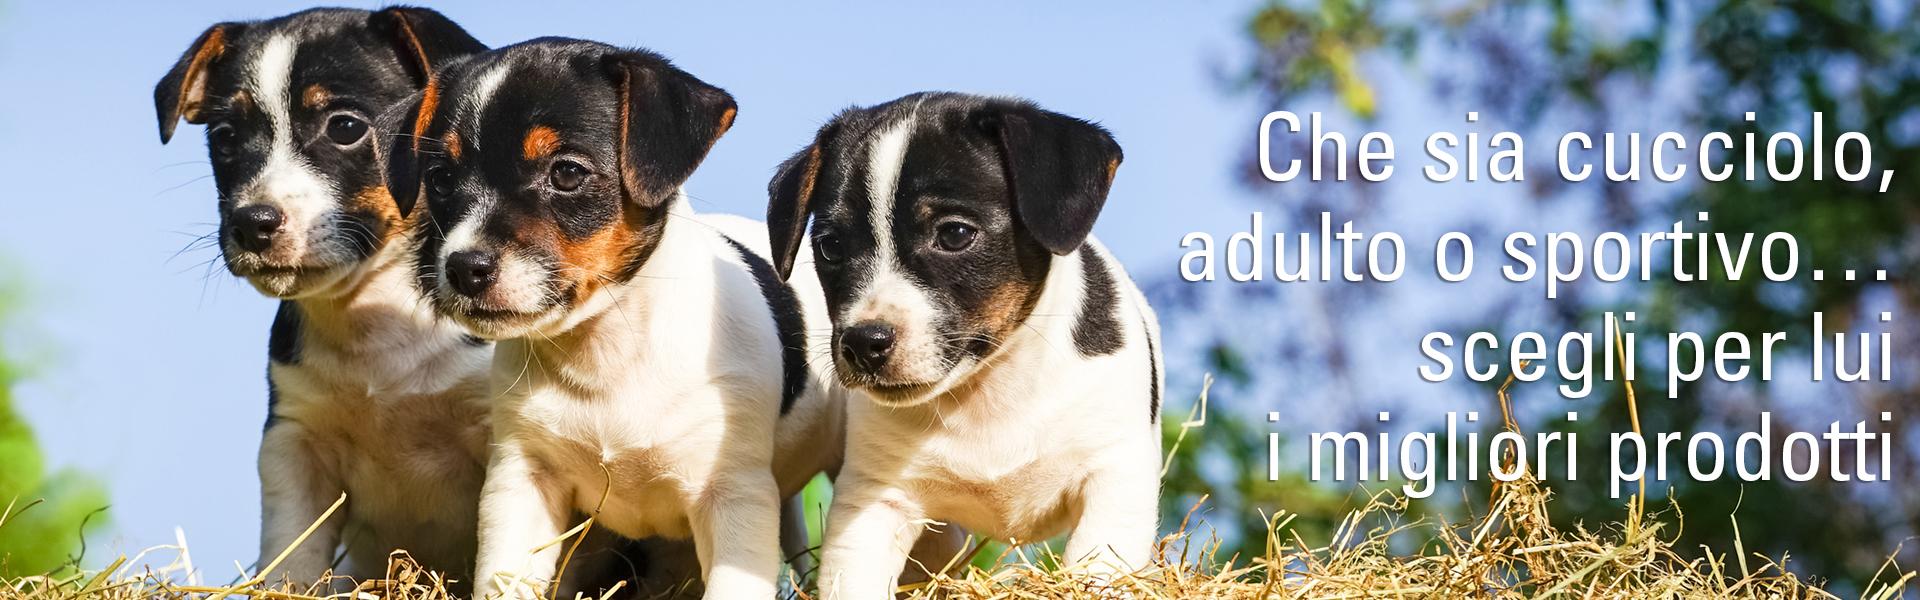 Che sia cucciolo, adulto o sportivo… scegli per lui i migliori prodotti